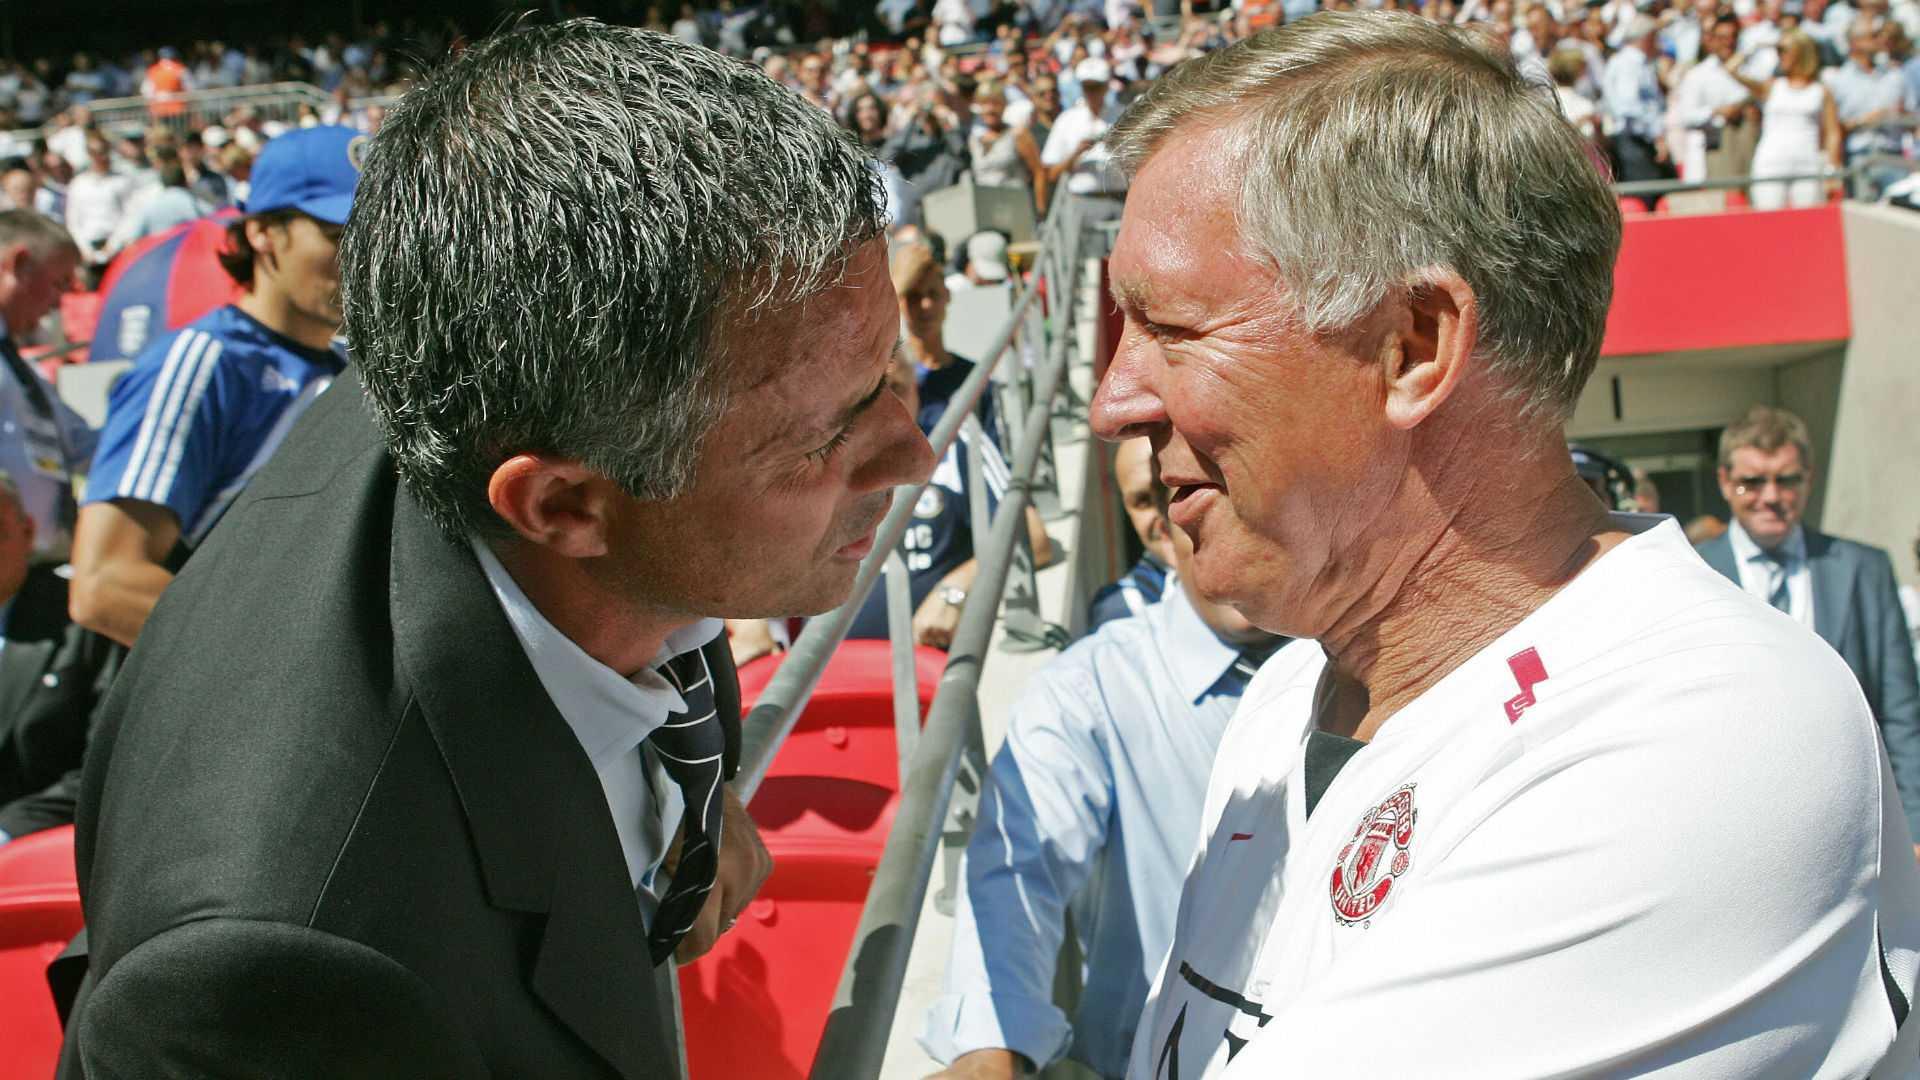 Sir Alex nhấn mạnh Mourinho sẽ tìm được cách giúp Chelsea lấy lại sức mạnh vốn có, nếu nhận được sự tin tưởng